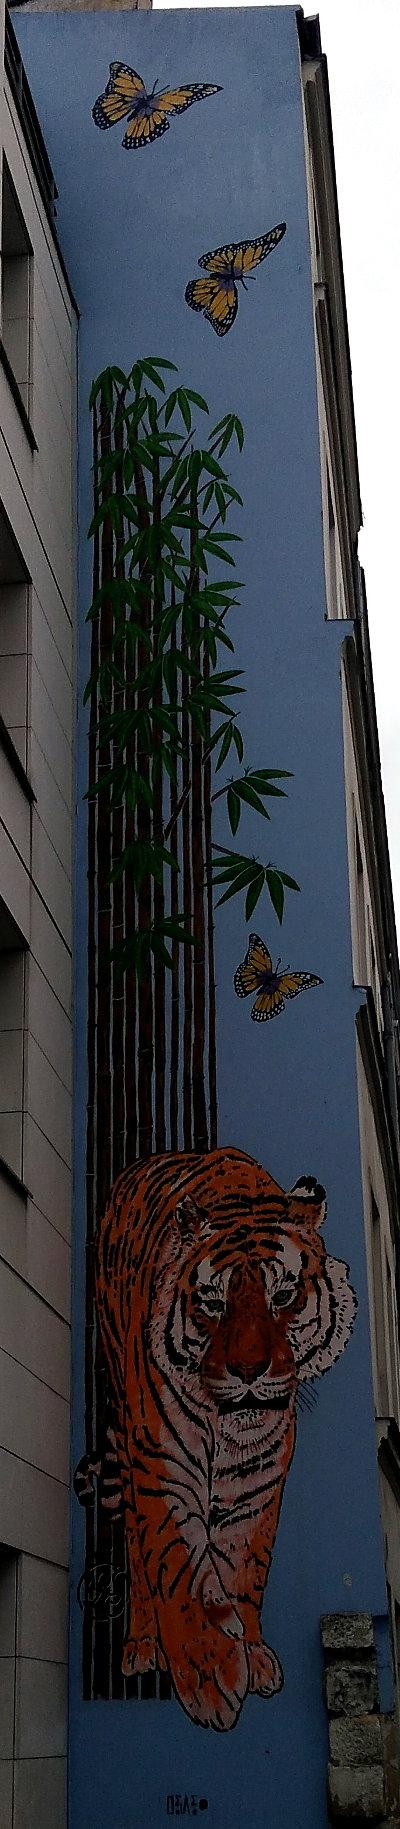 Street Art, 33 rue du Retrait, 20th Arrondissement, Paris, France